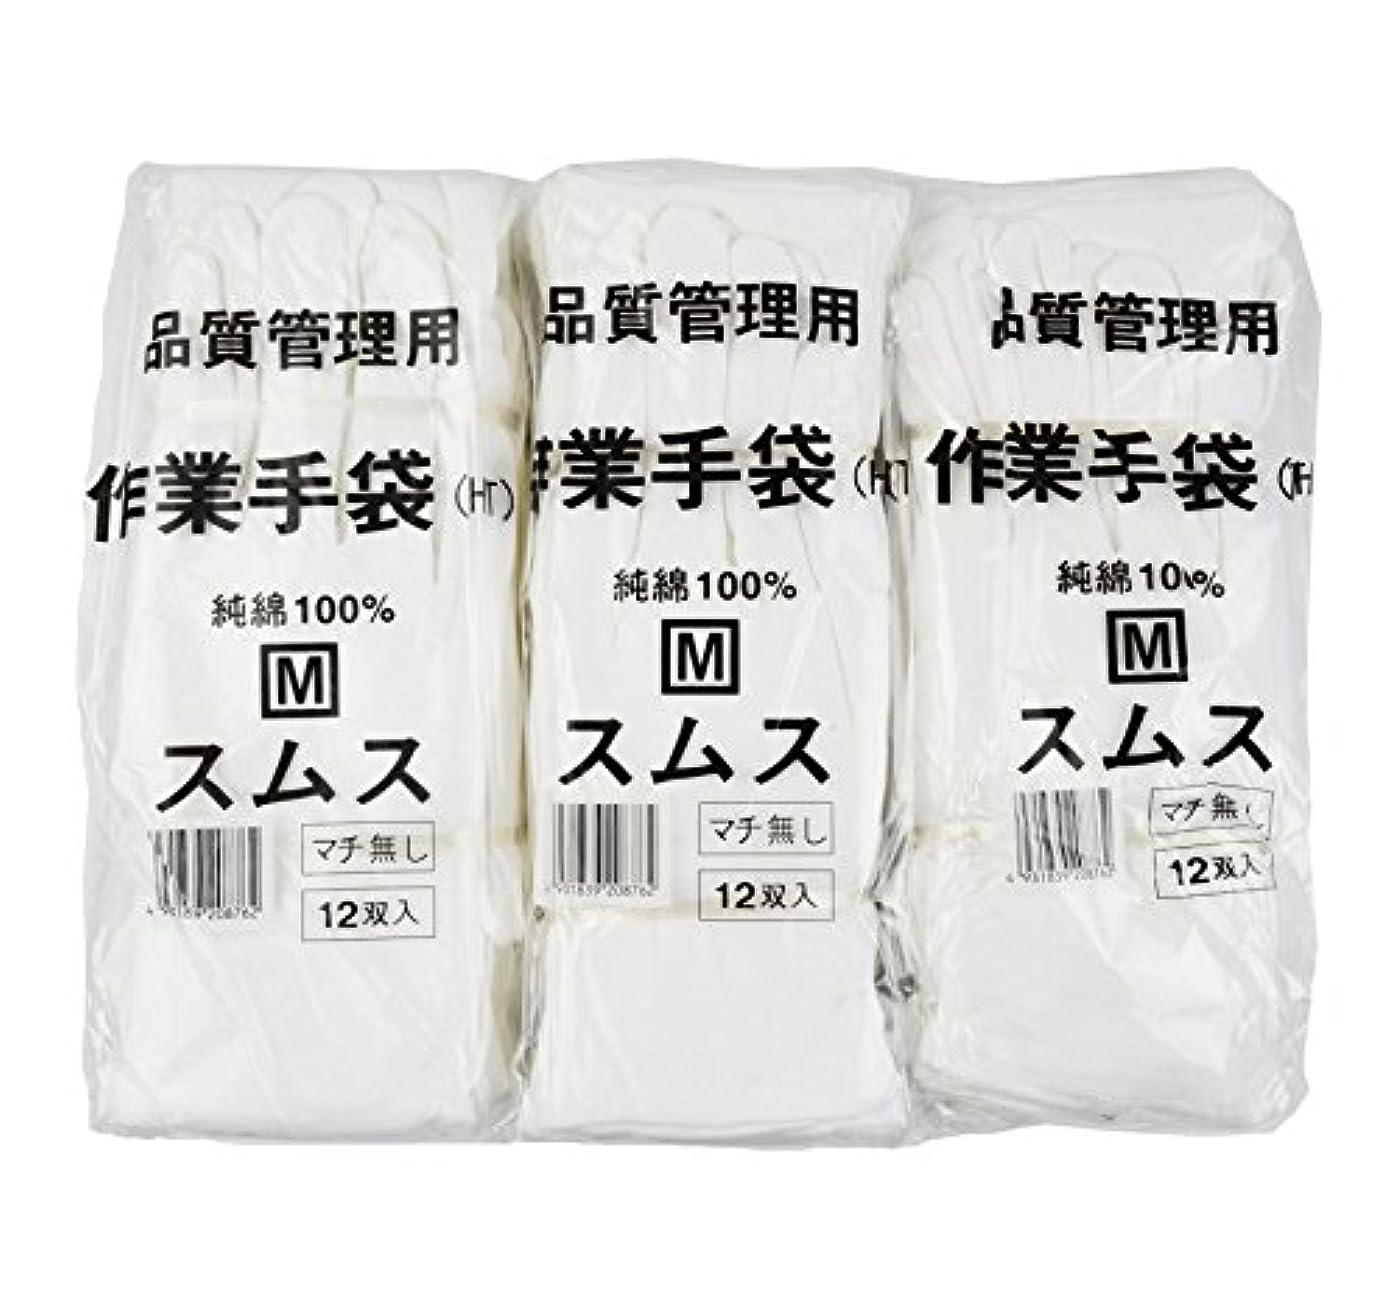 フォーカス演劇キネマティクス【お得なセット売り】 (36双) 純綿100% スムス 手袋 Mサイズ 12双×3袋セット 多用途 作業手袋 101116